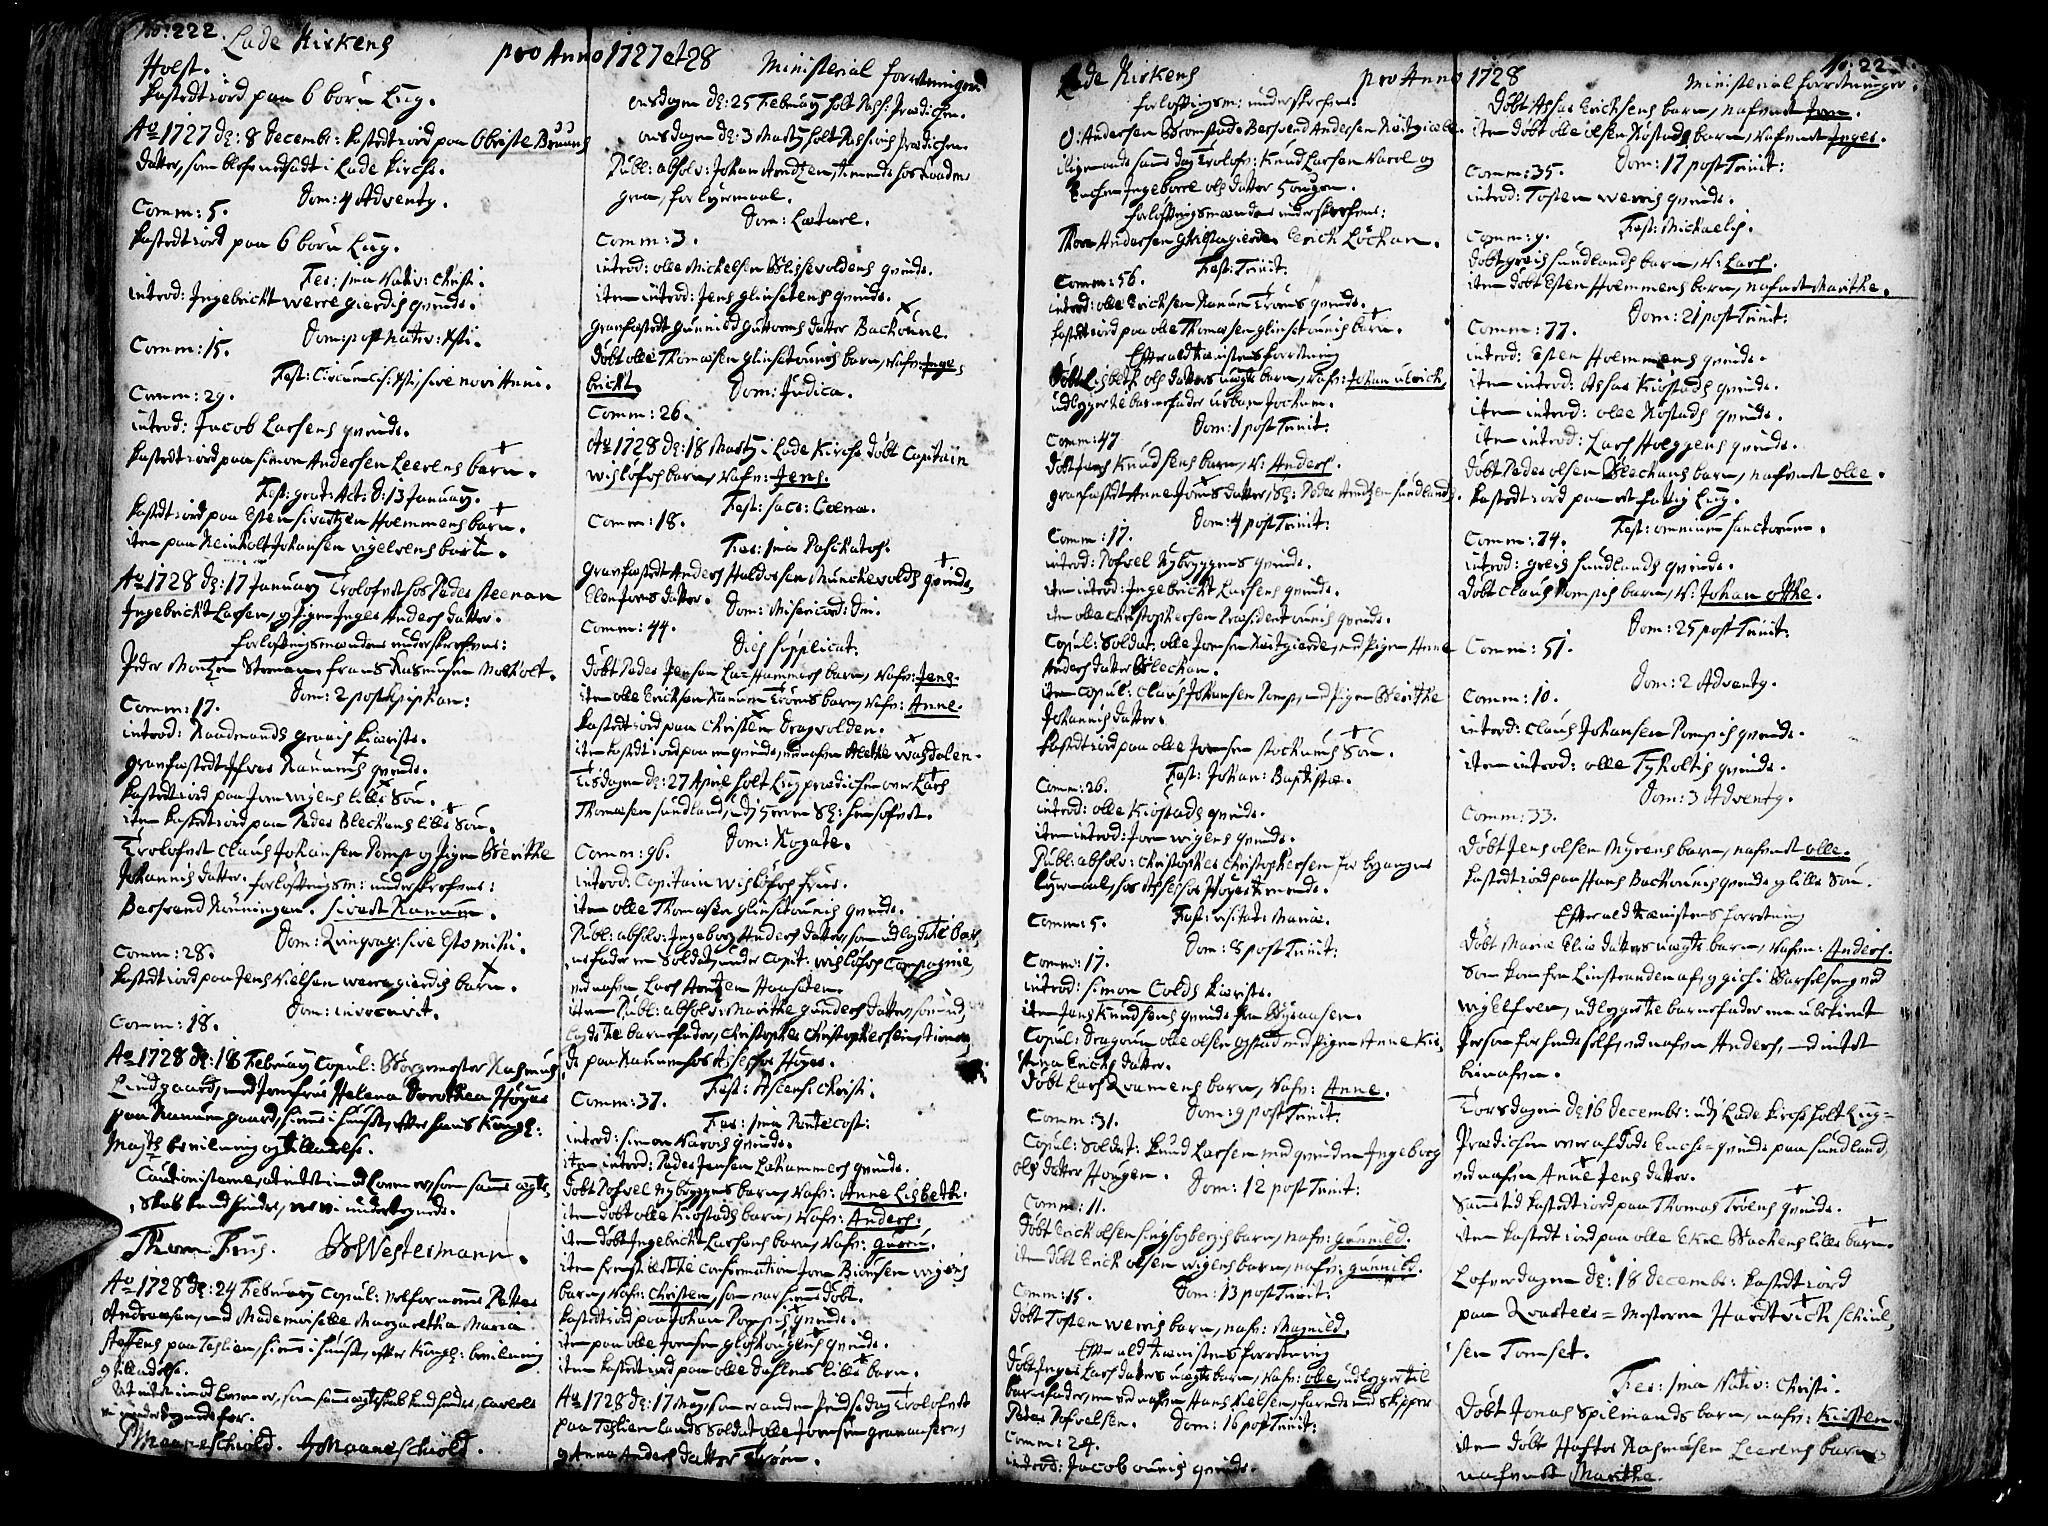 SAT, Ministerialprotokoller, klokkerbøker og fødselsregistre - Sør-Trøndelag, 606/L0275: Ministerialbok nr. 606A01 /1, 1727-1780, s. 222-223